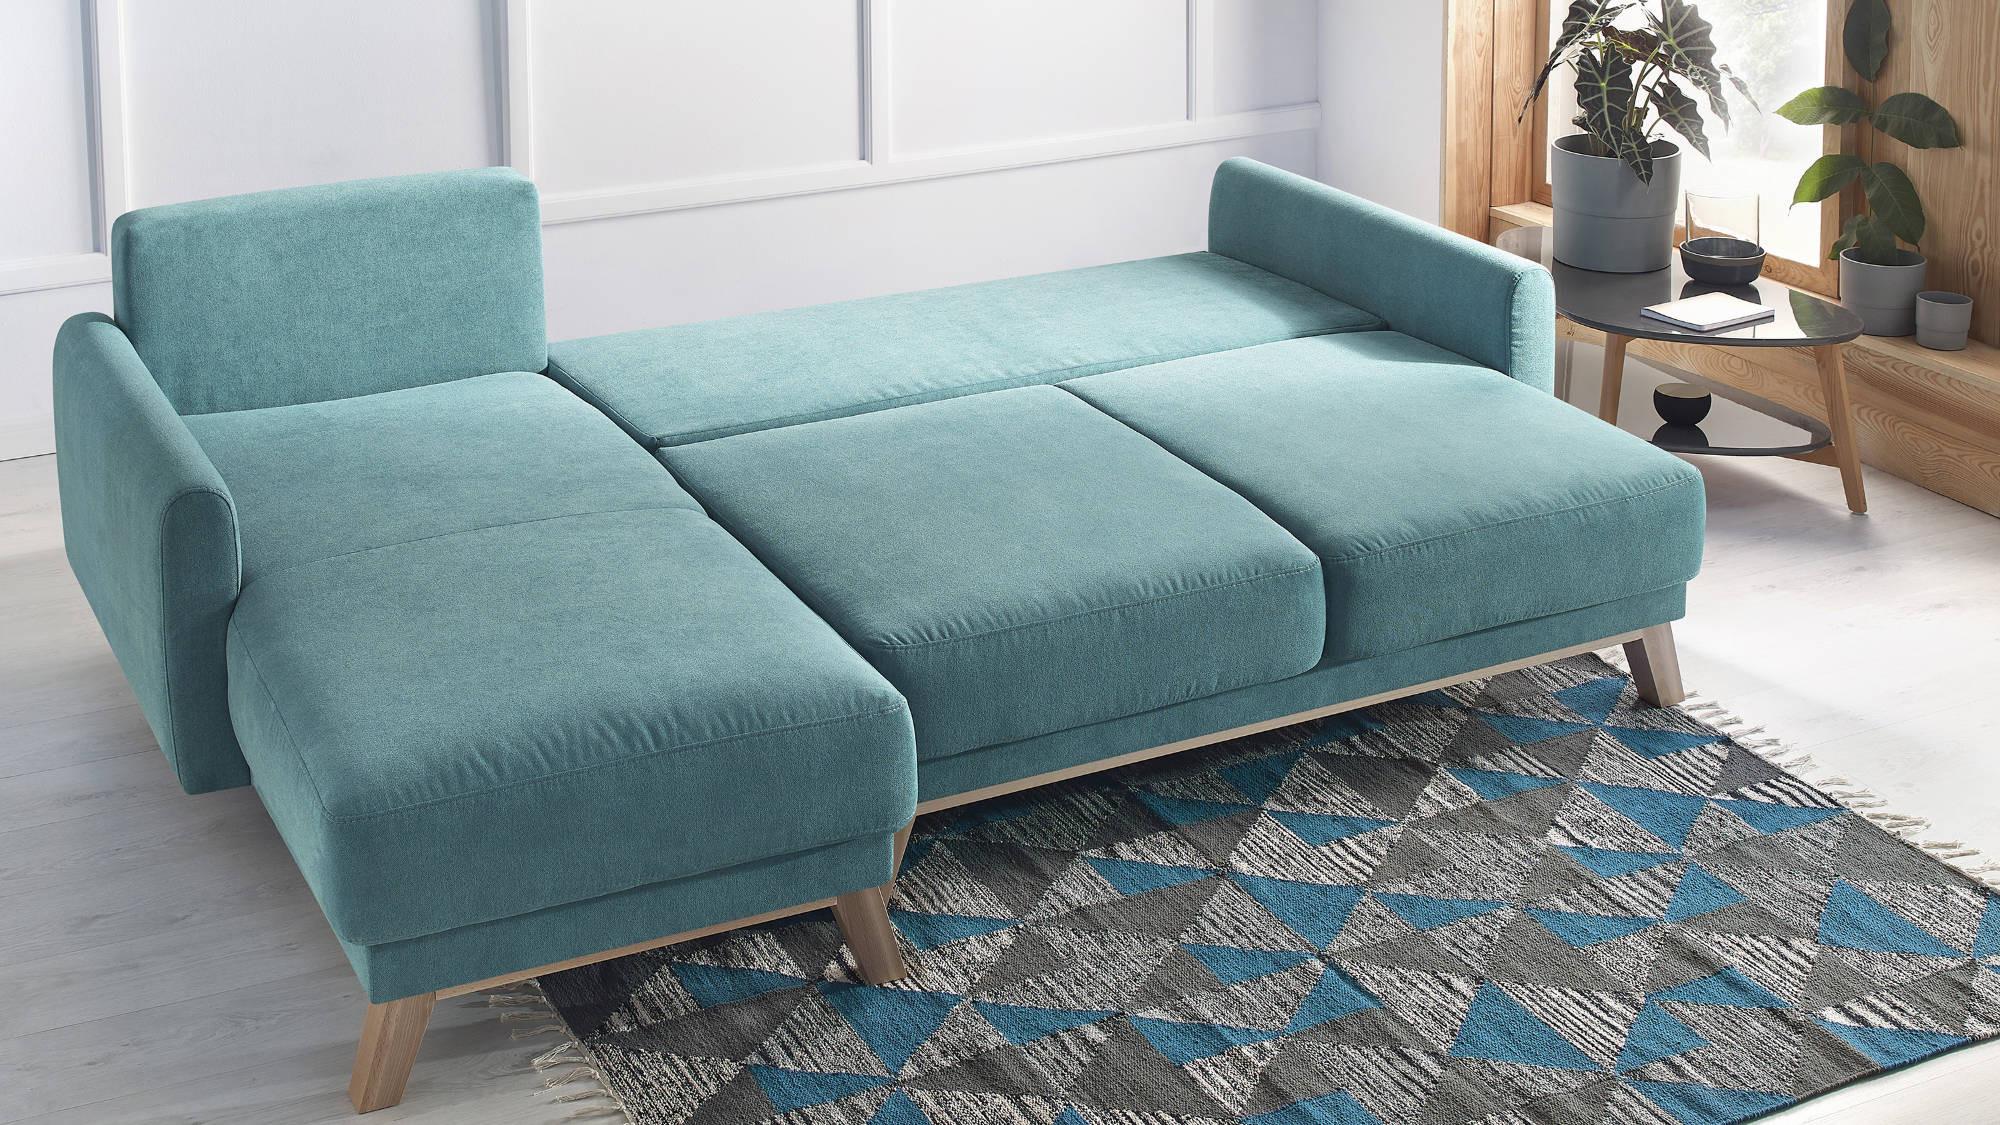 Canapé d'angle gauche convertible 4 places Tissu Bleu turquoise